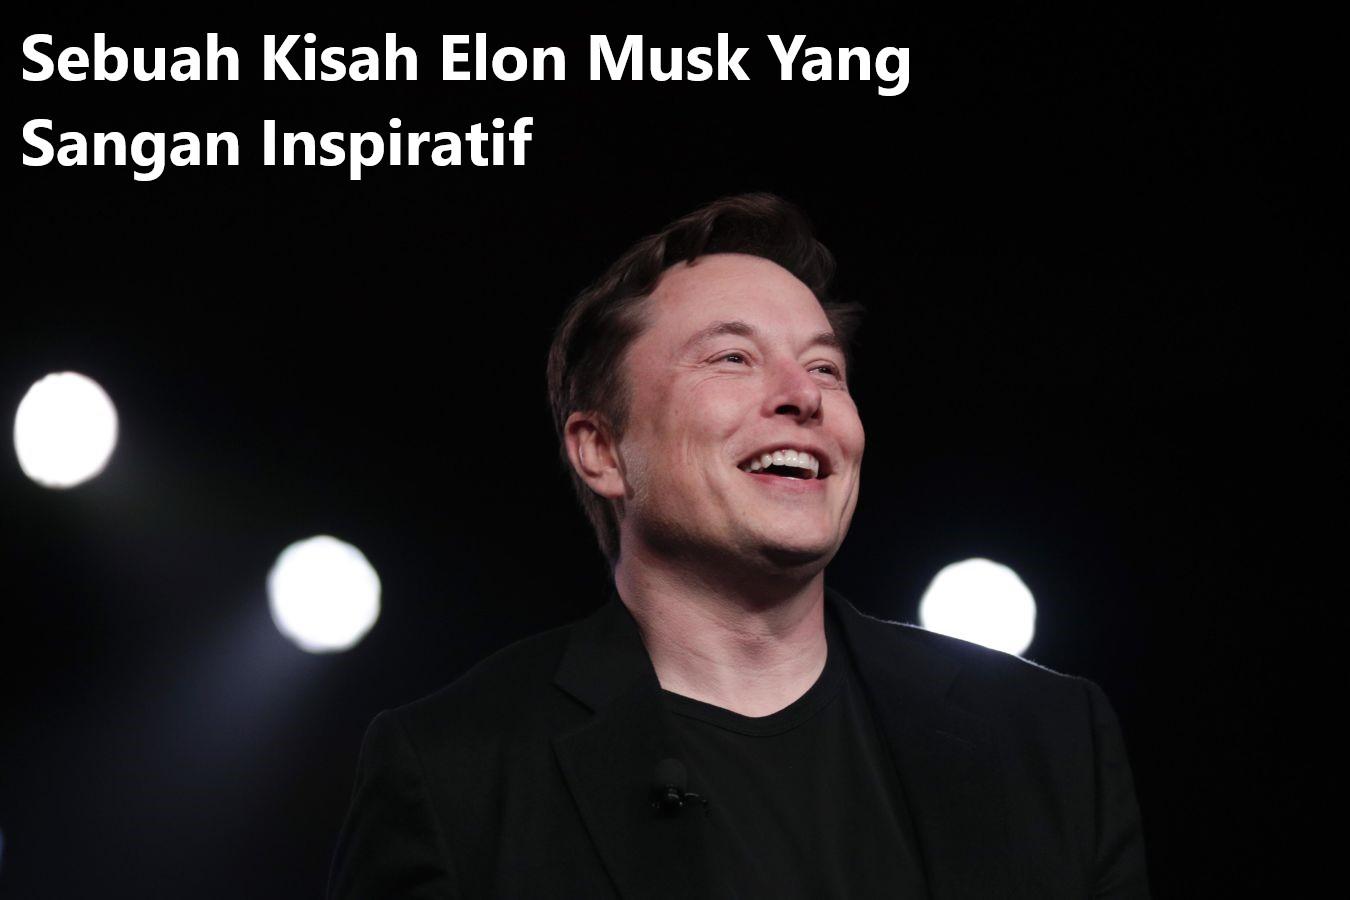 Sebuah Kisah Elon Musk Yang Sangan Inspiratif